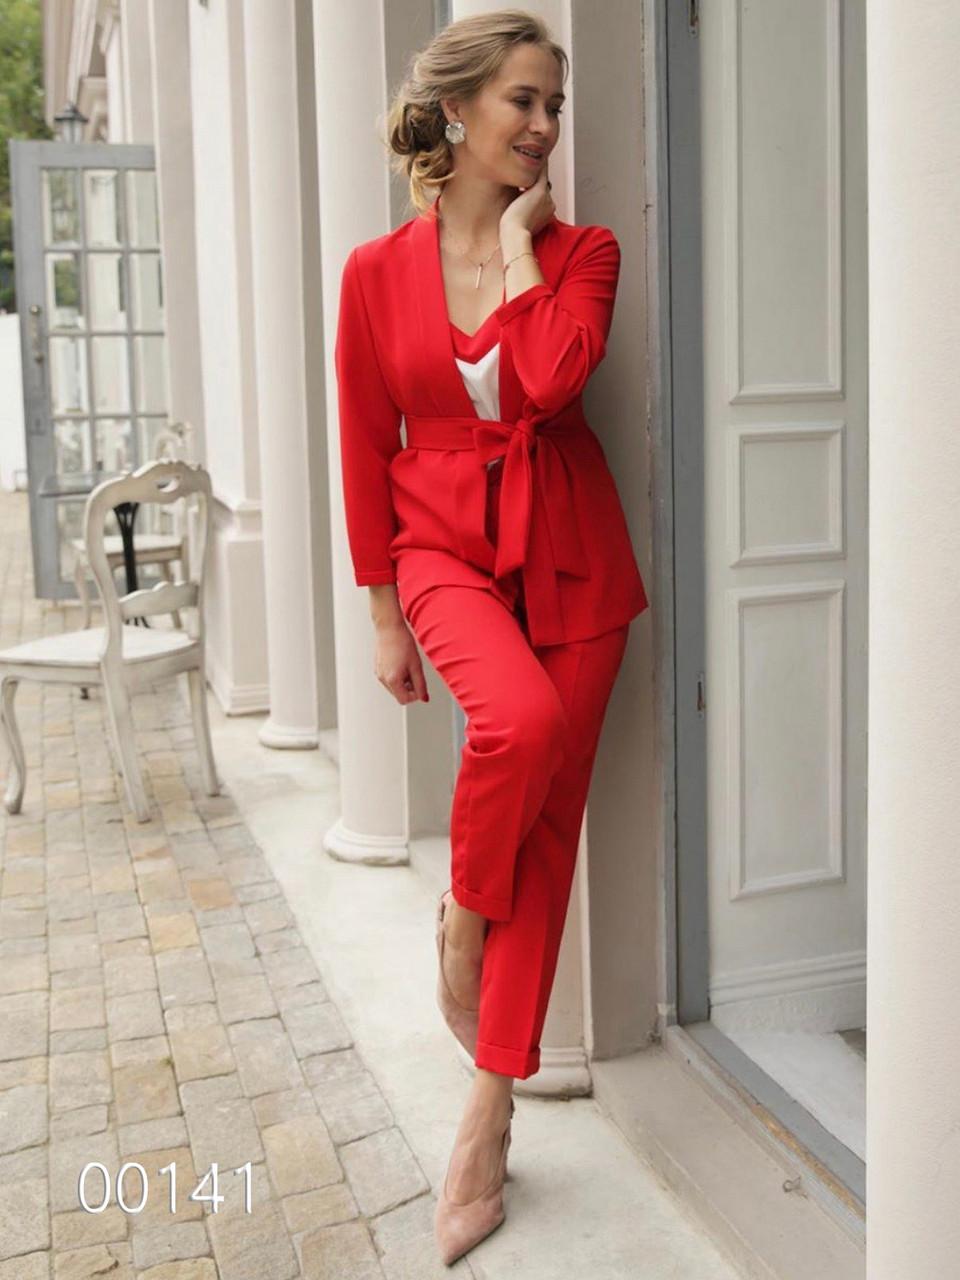 Женские брючные костюмы на выпускной, 00141 (Красный), Размер 46 (L)